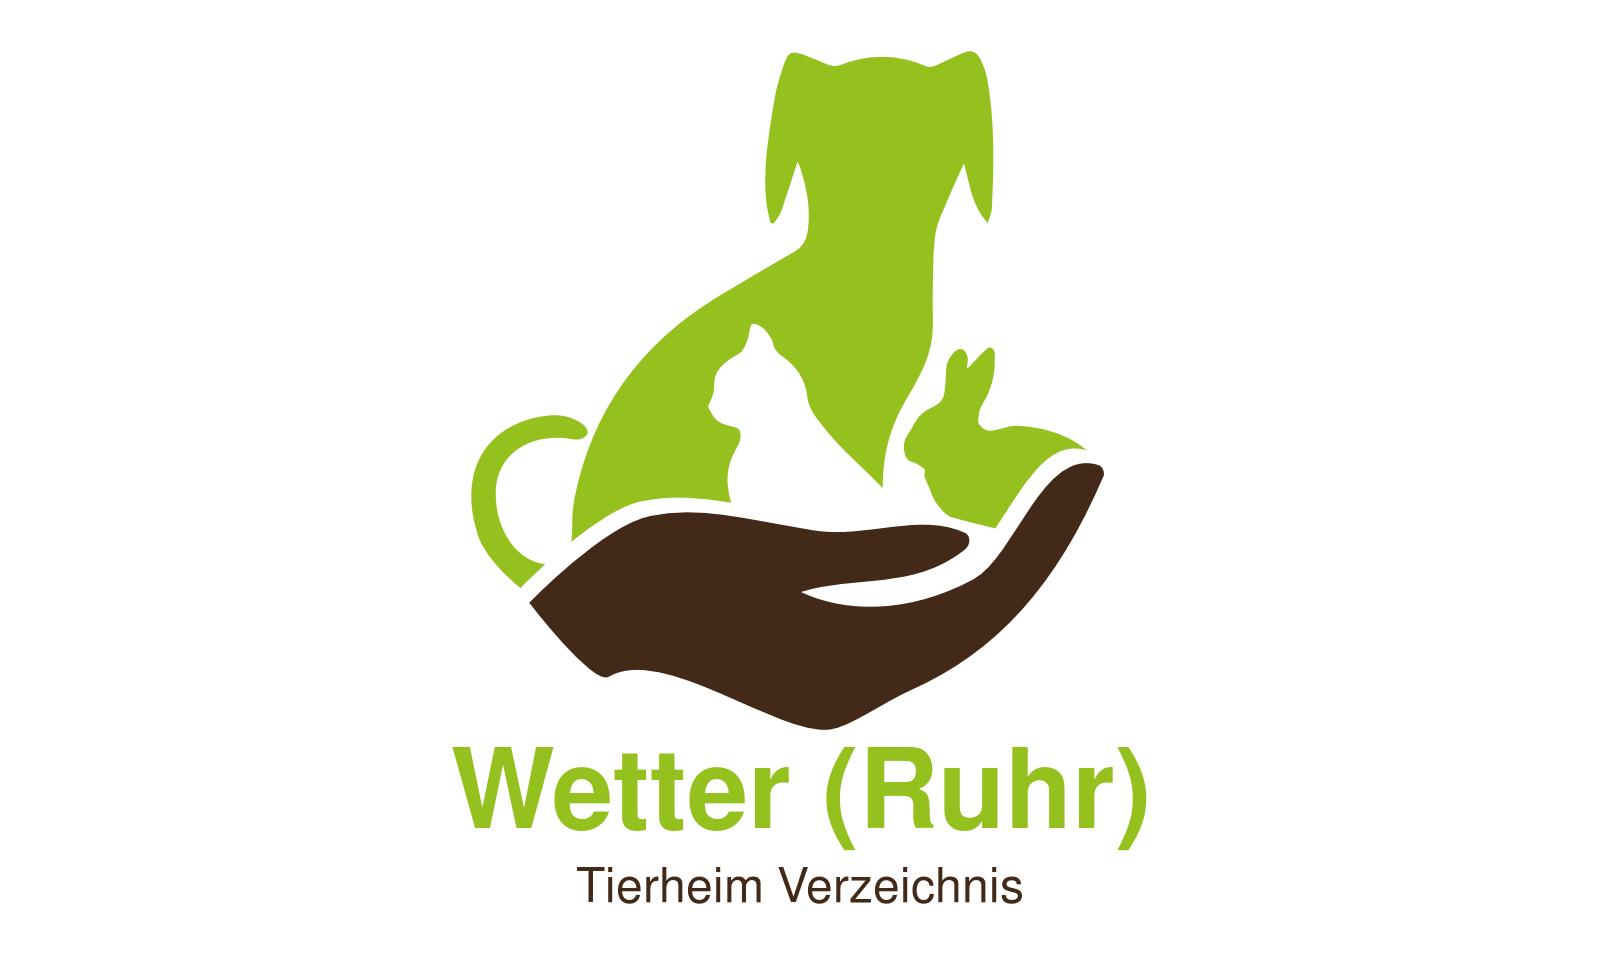 Tierheim Wetter (Ruhr)